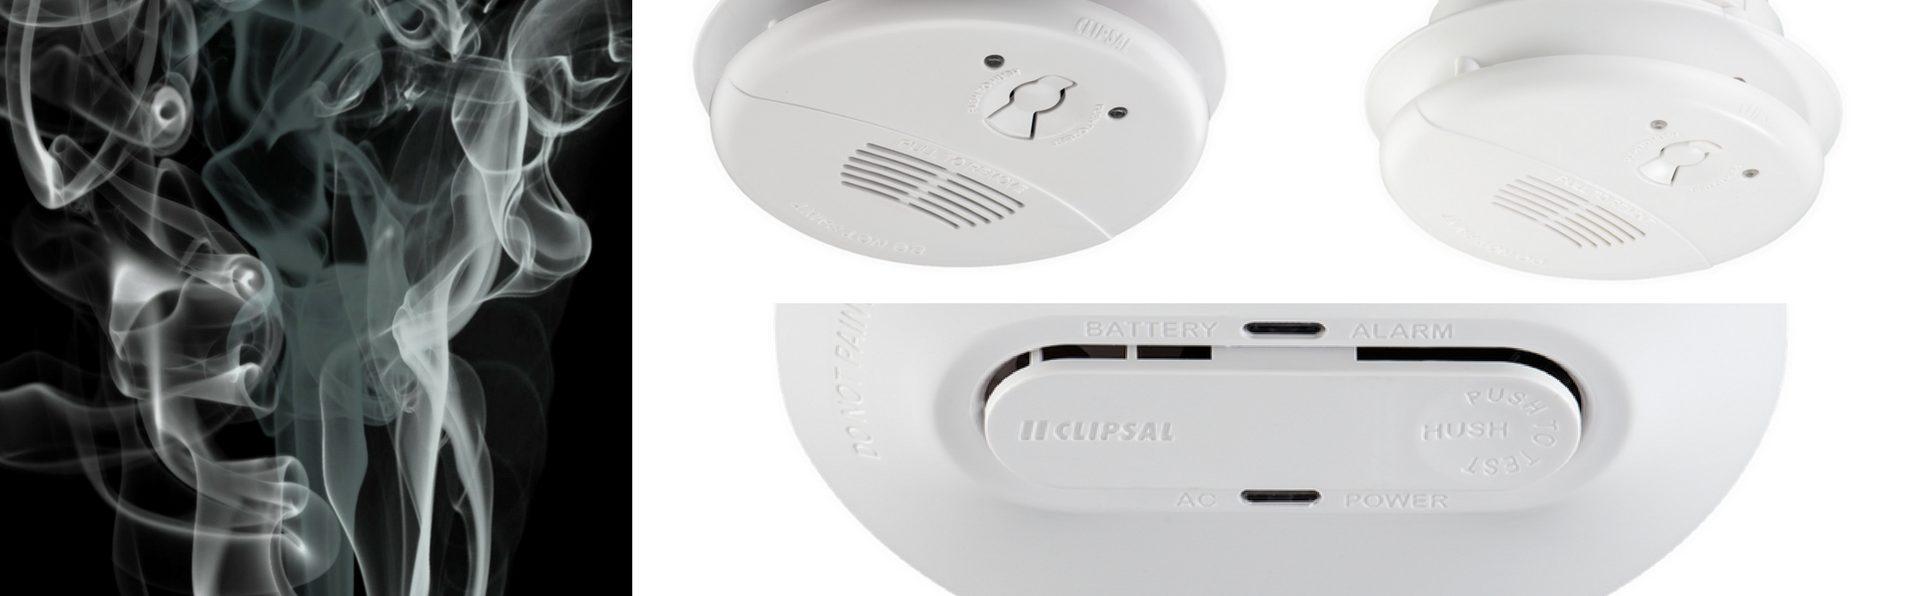 Smoke Detectors/Smoke Alarms